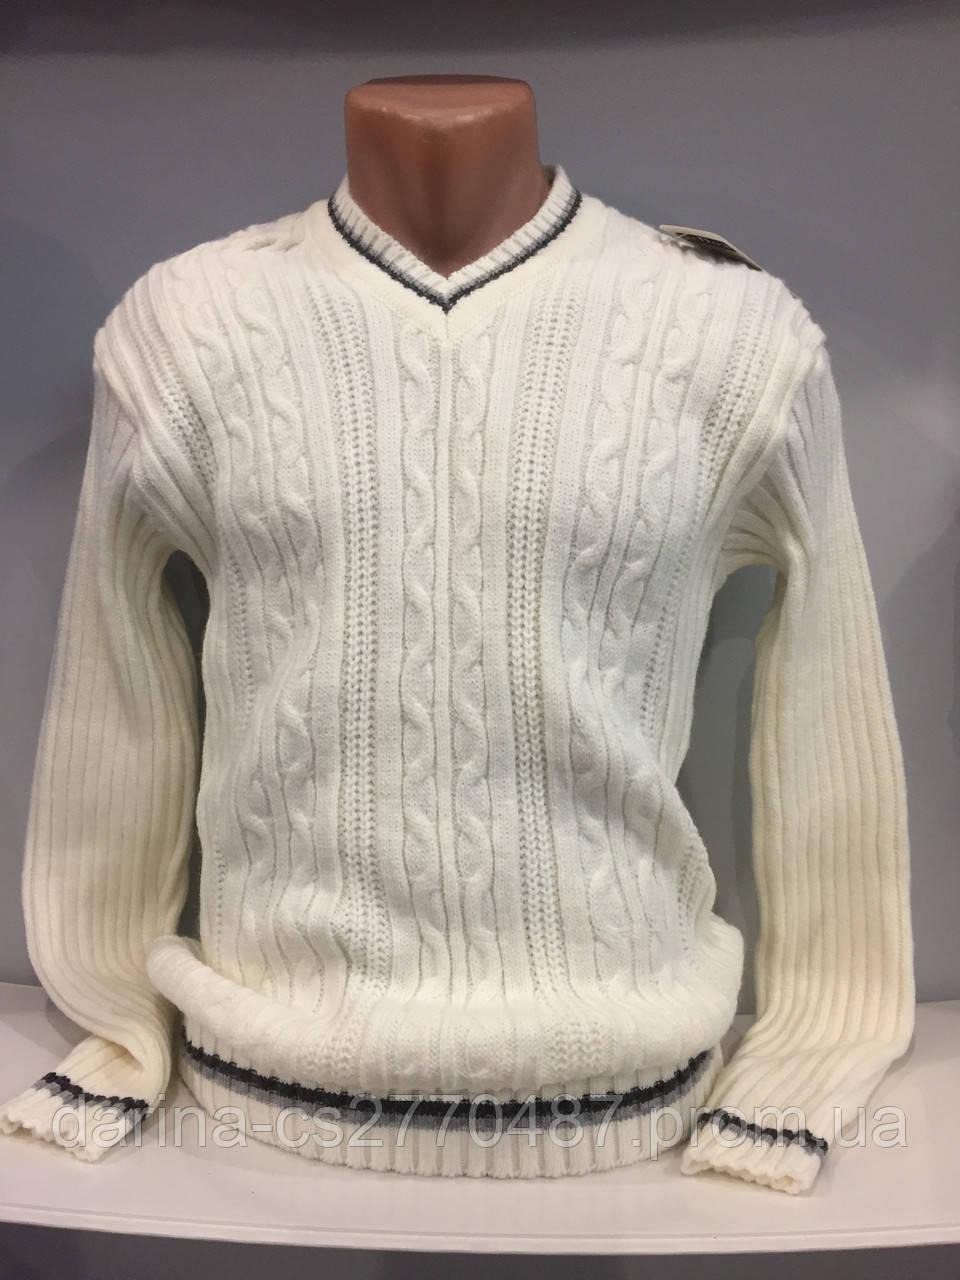 Демисезонный вязанный свитер для мужчины XL, фото 1